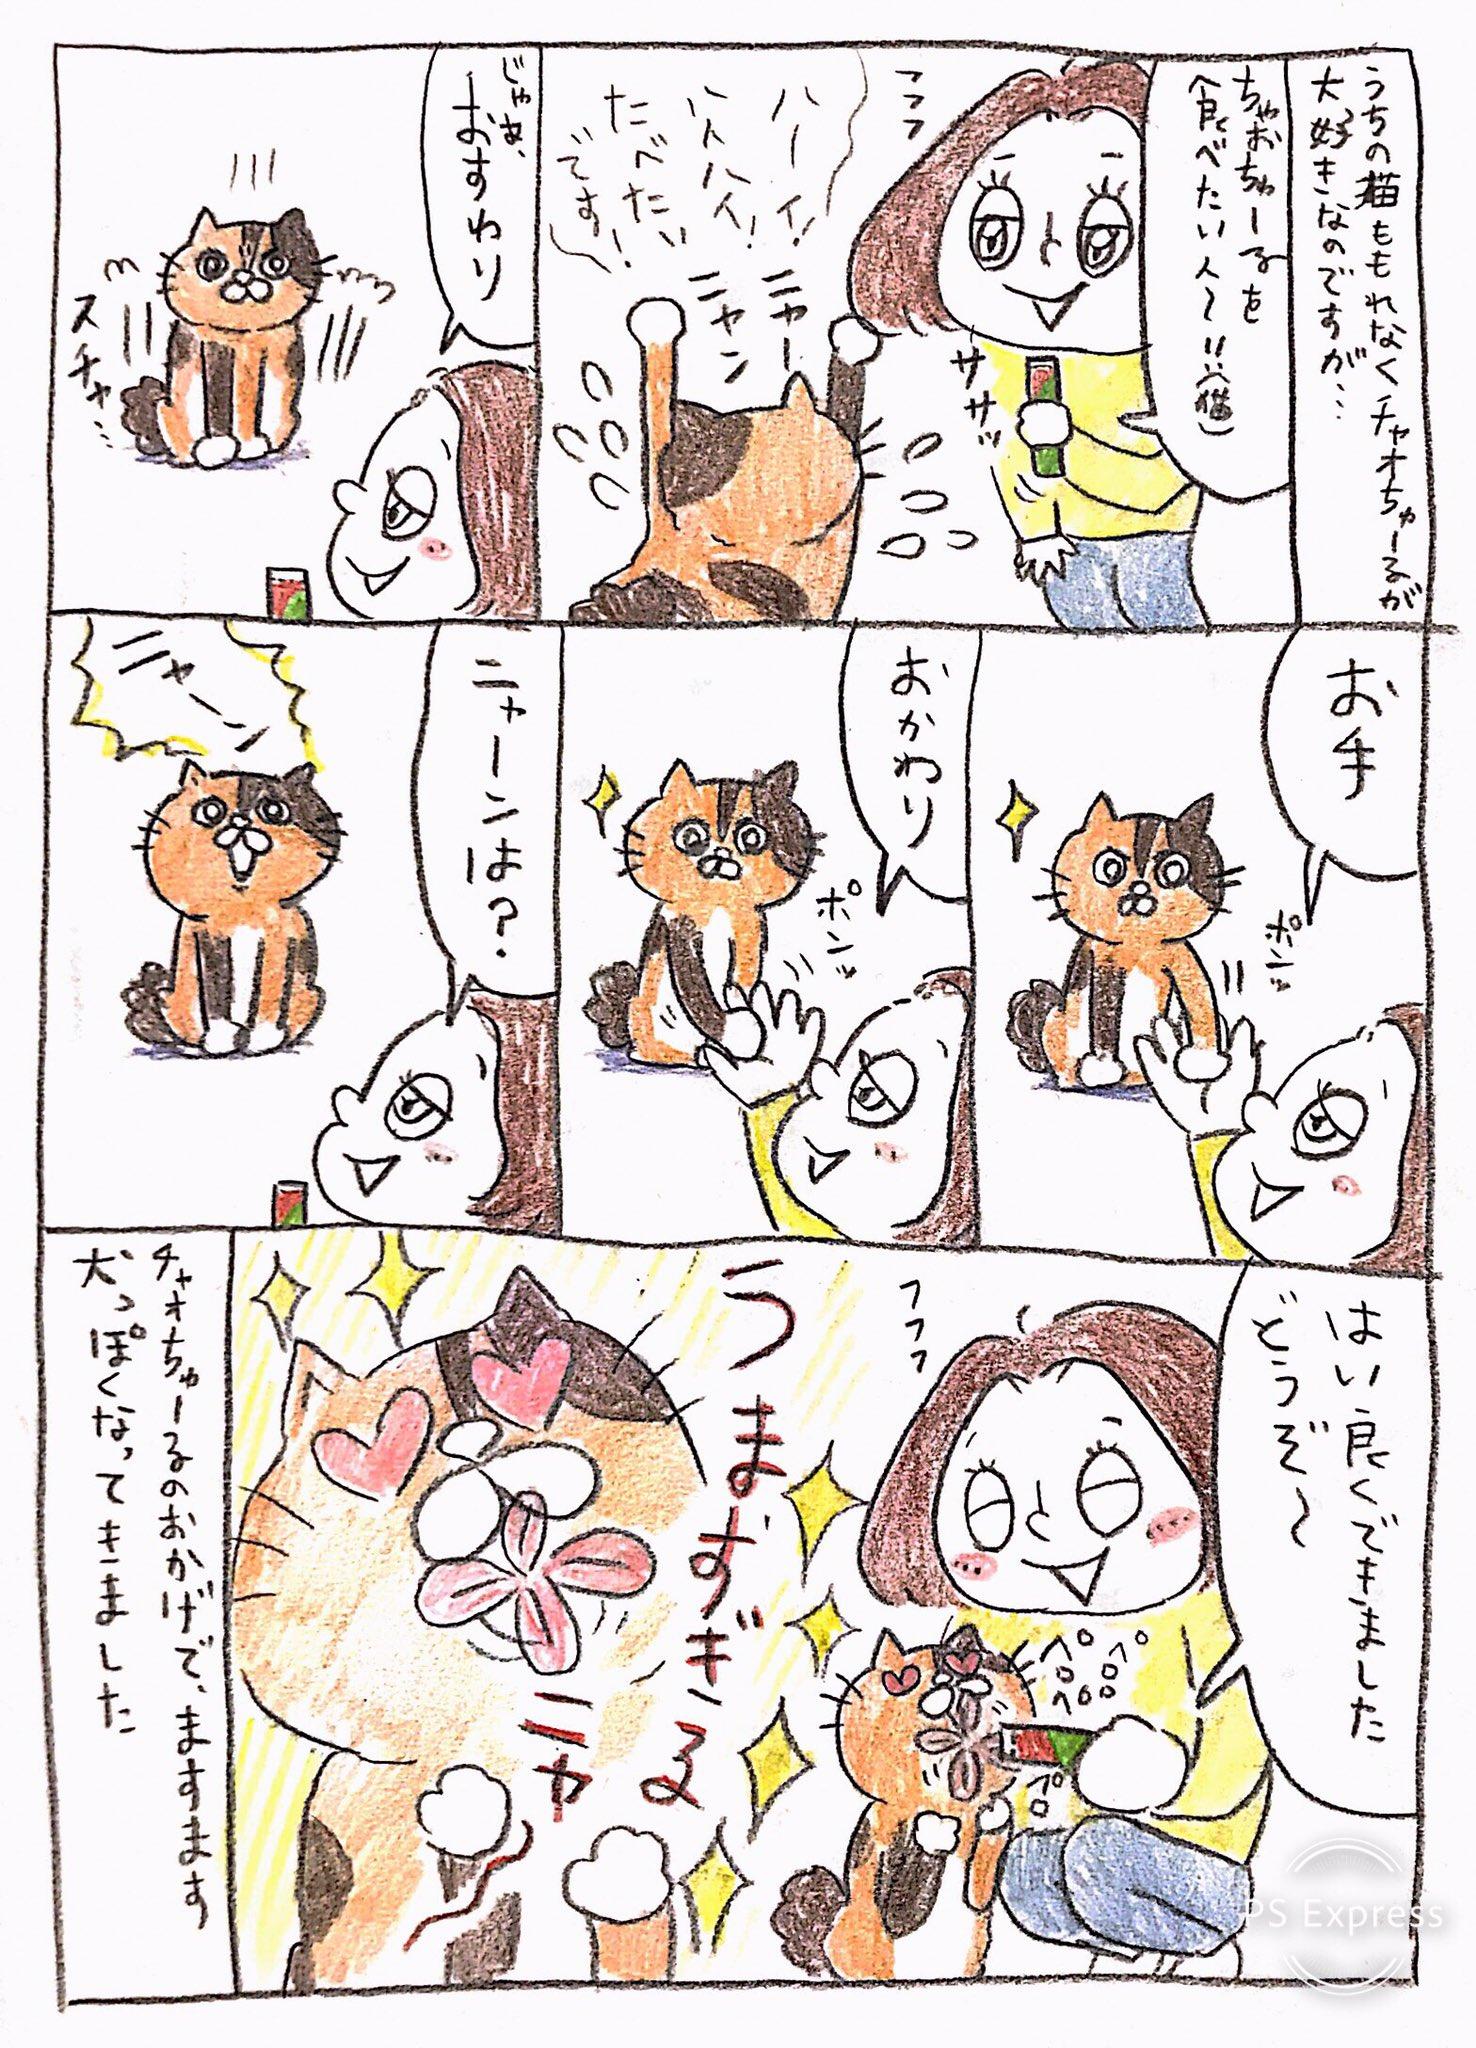 【りんこ編】Twitterに投稿しているPちゃんの日常4コマ漫画まとめ